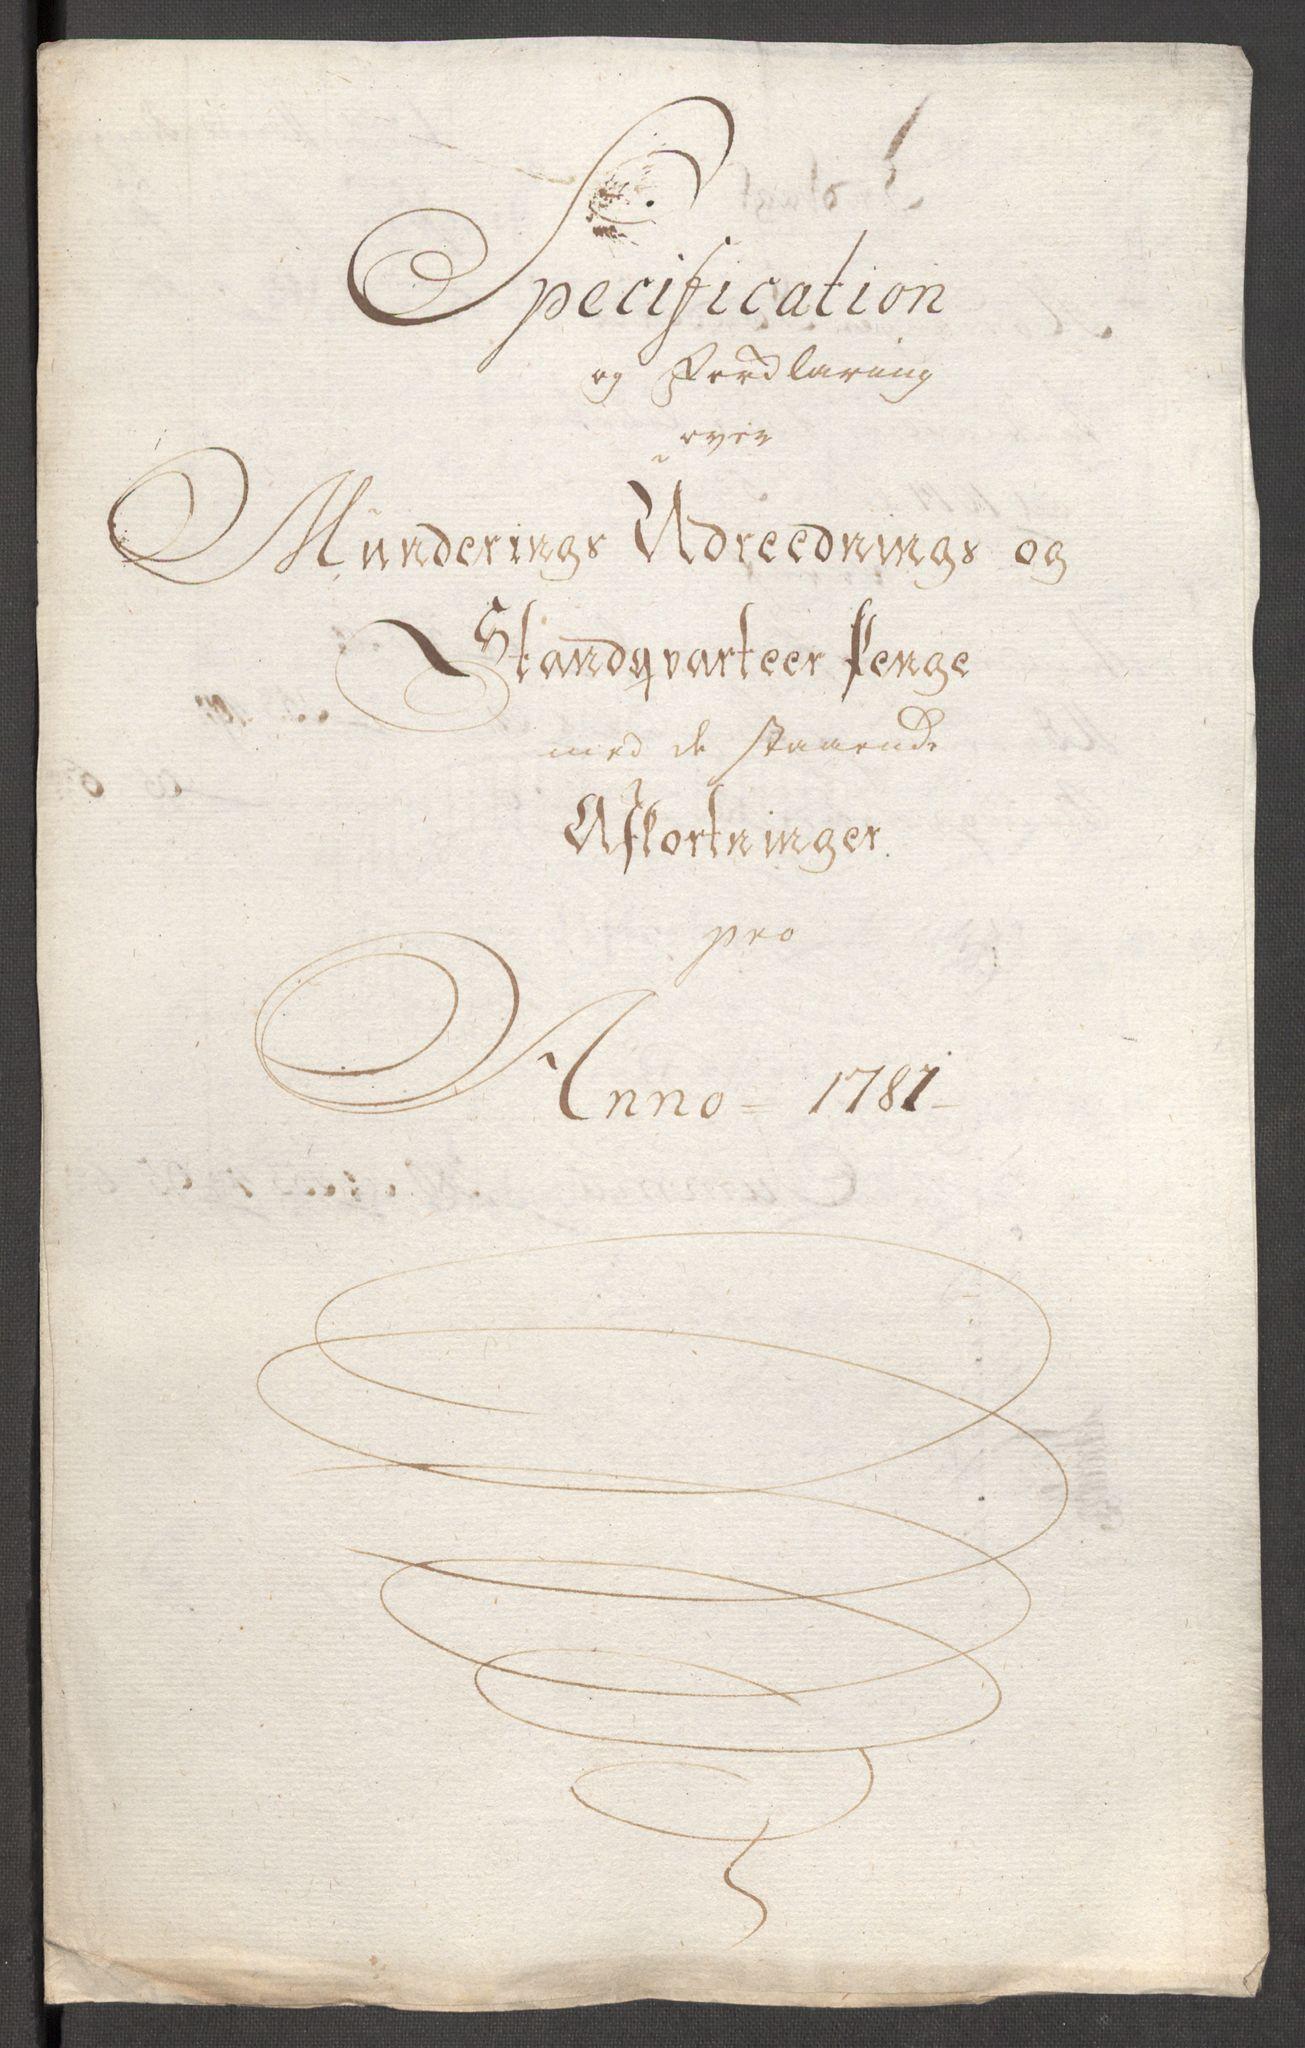 RA, Rentekammeret inntil 1814, Reviderte regnskaper, Fogderegnskap, R48/L3097: Fogderegnskap Sunnhordland og Hardanger, 1781, s. 222